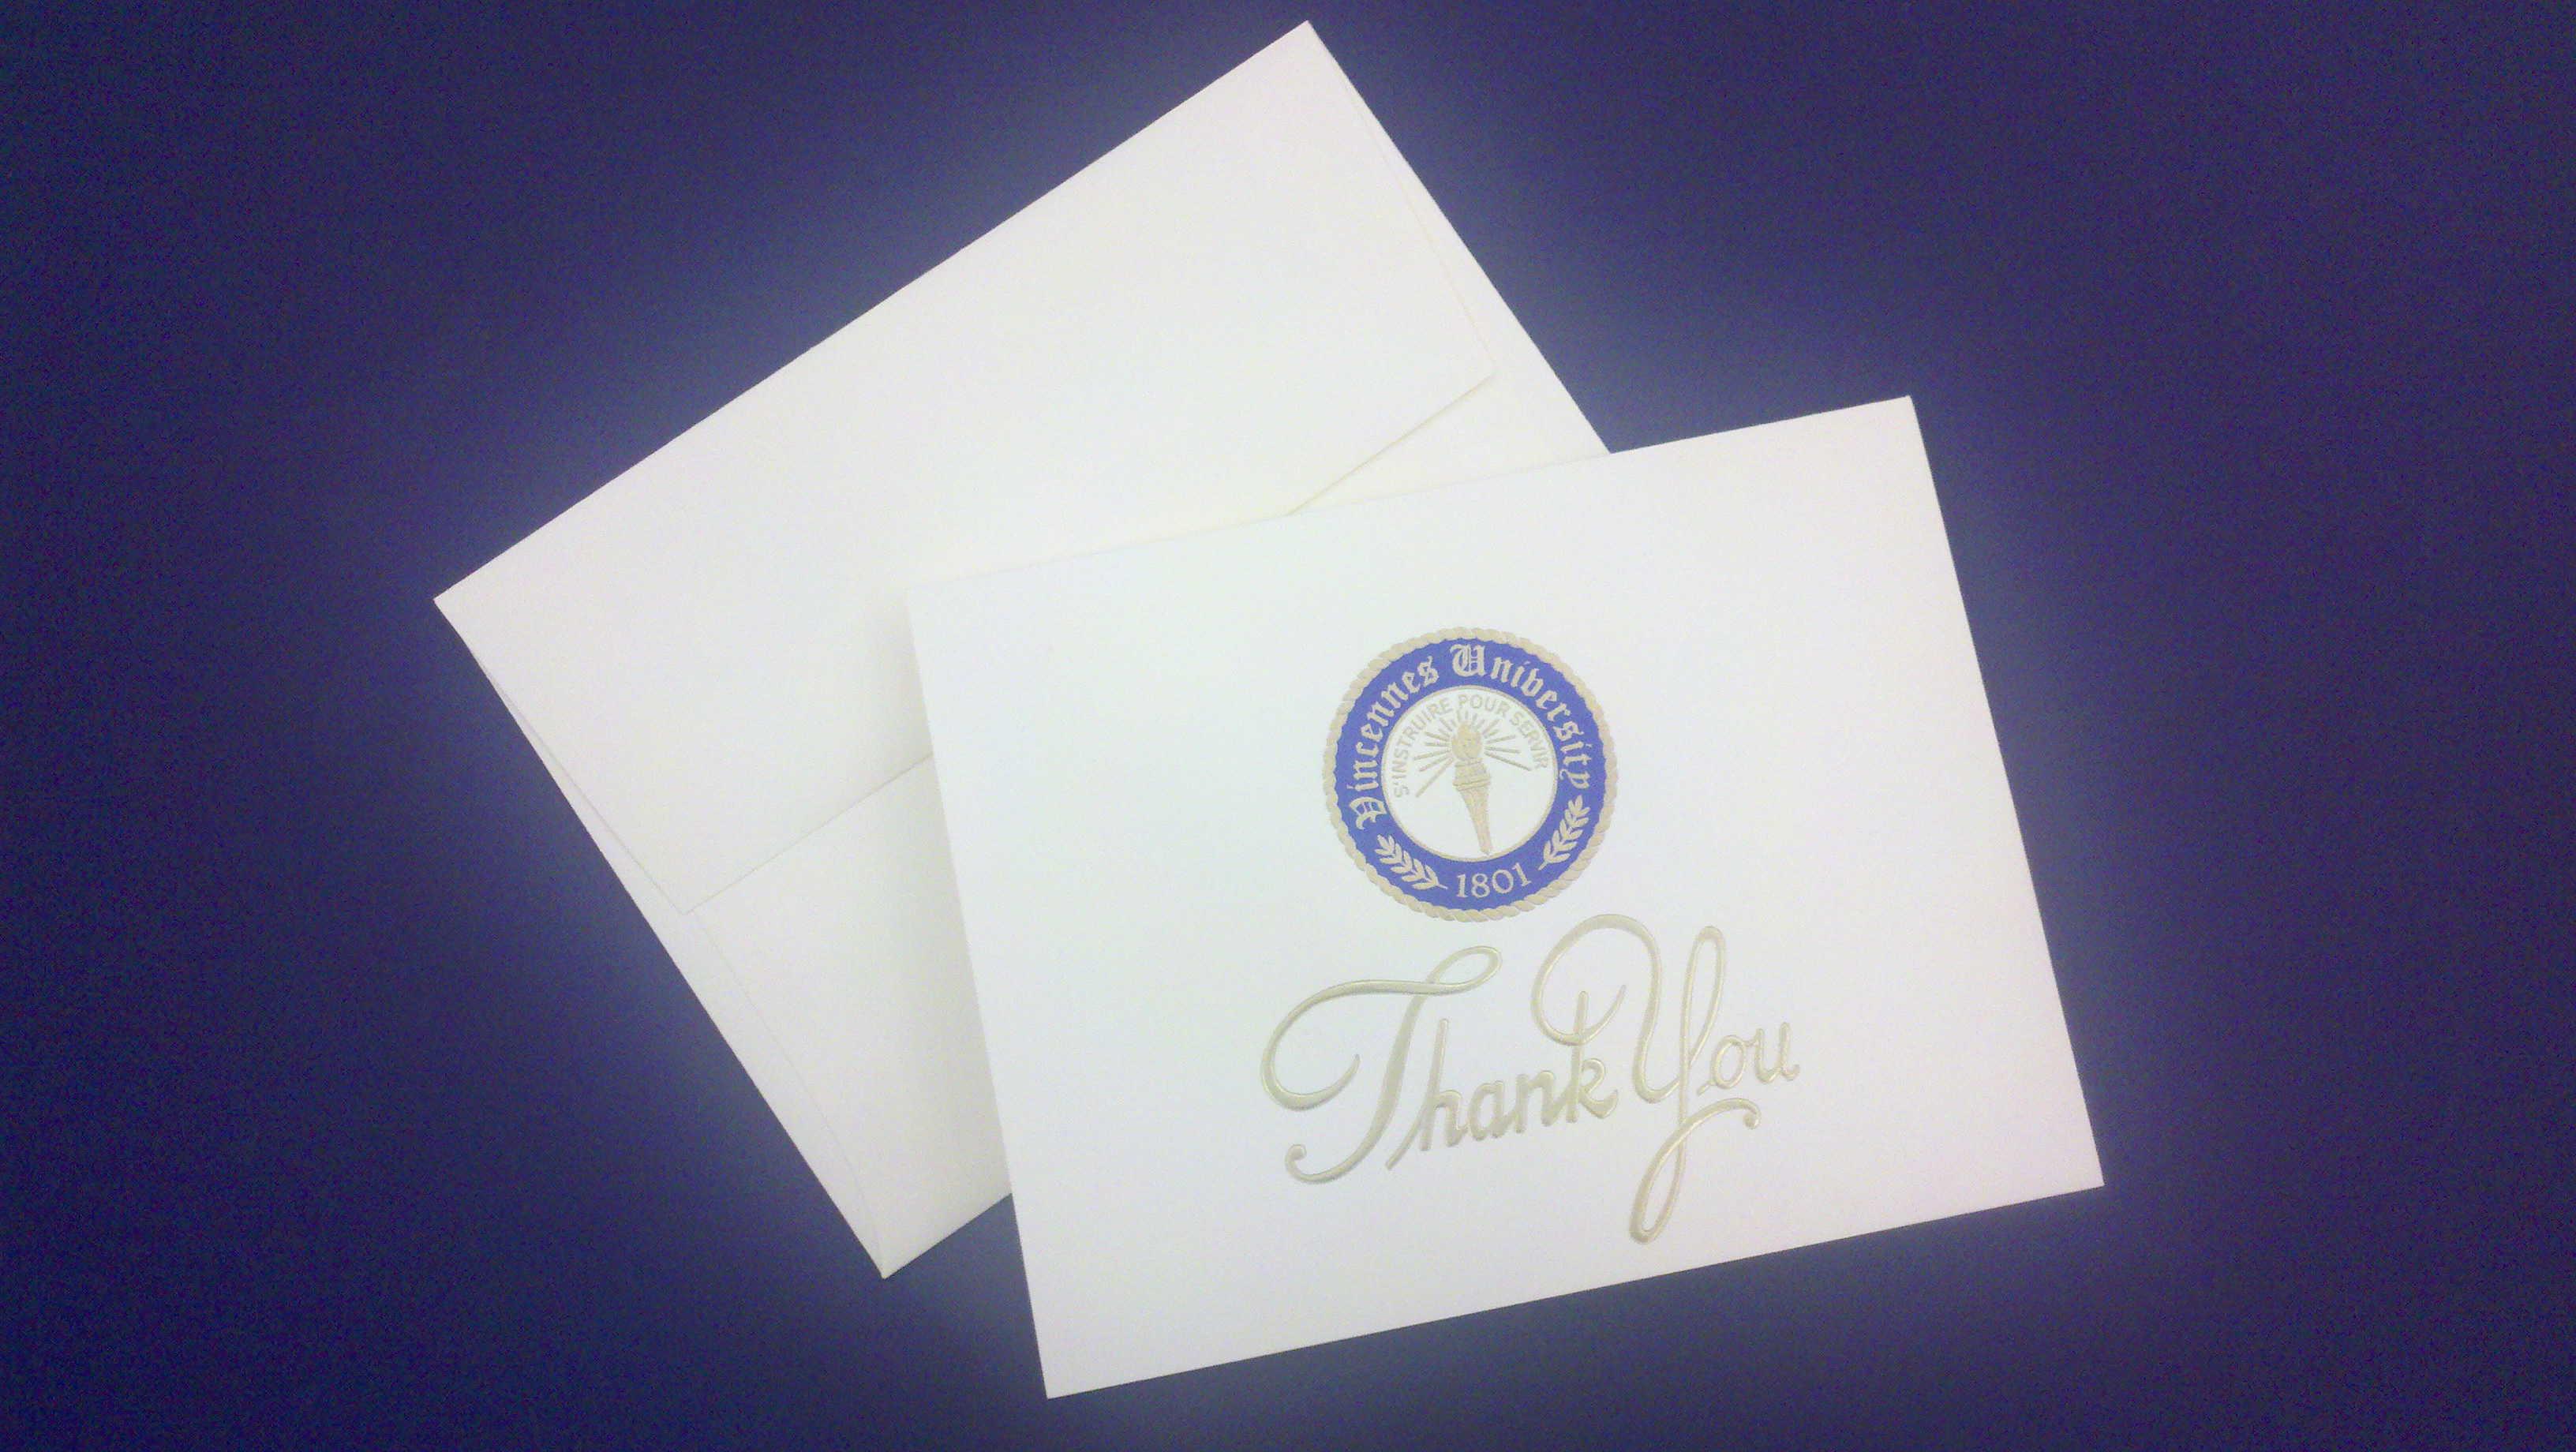 VU THANK YOU CARDS